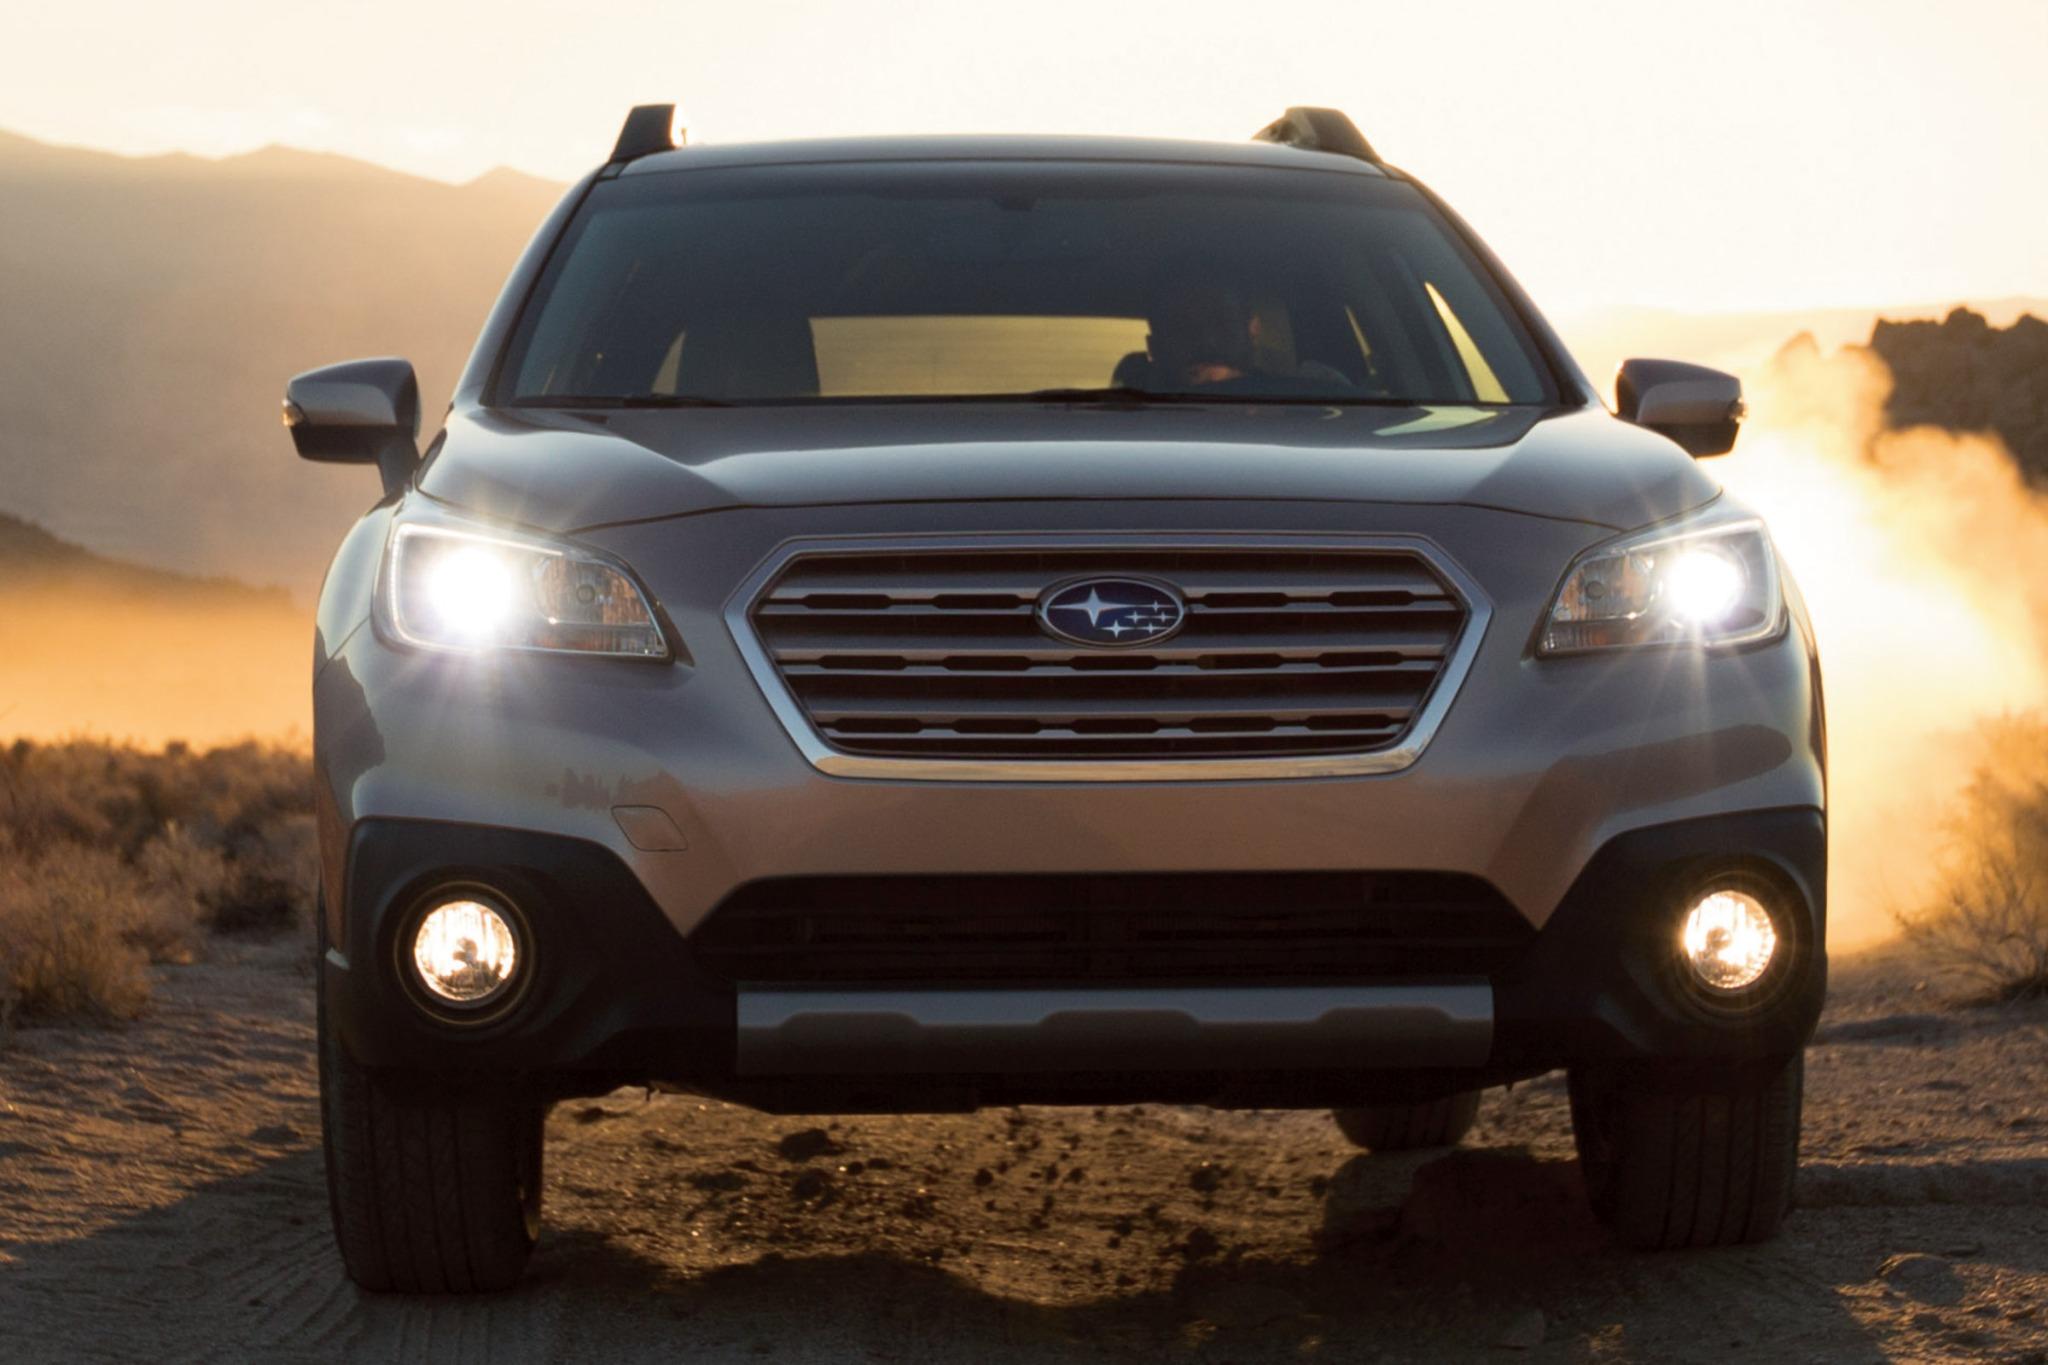 2015 Subaru Outback Image 7